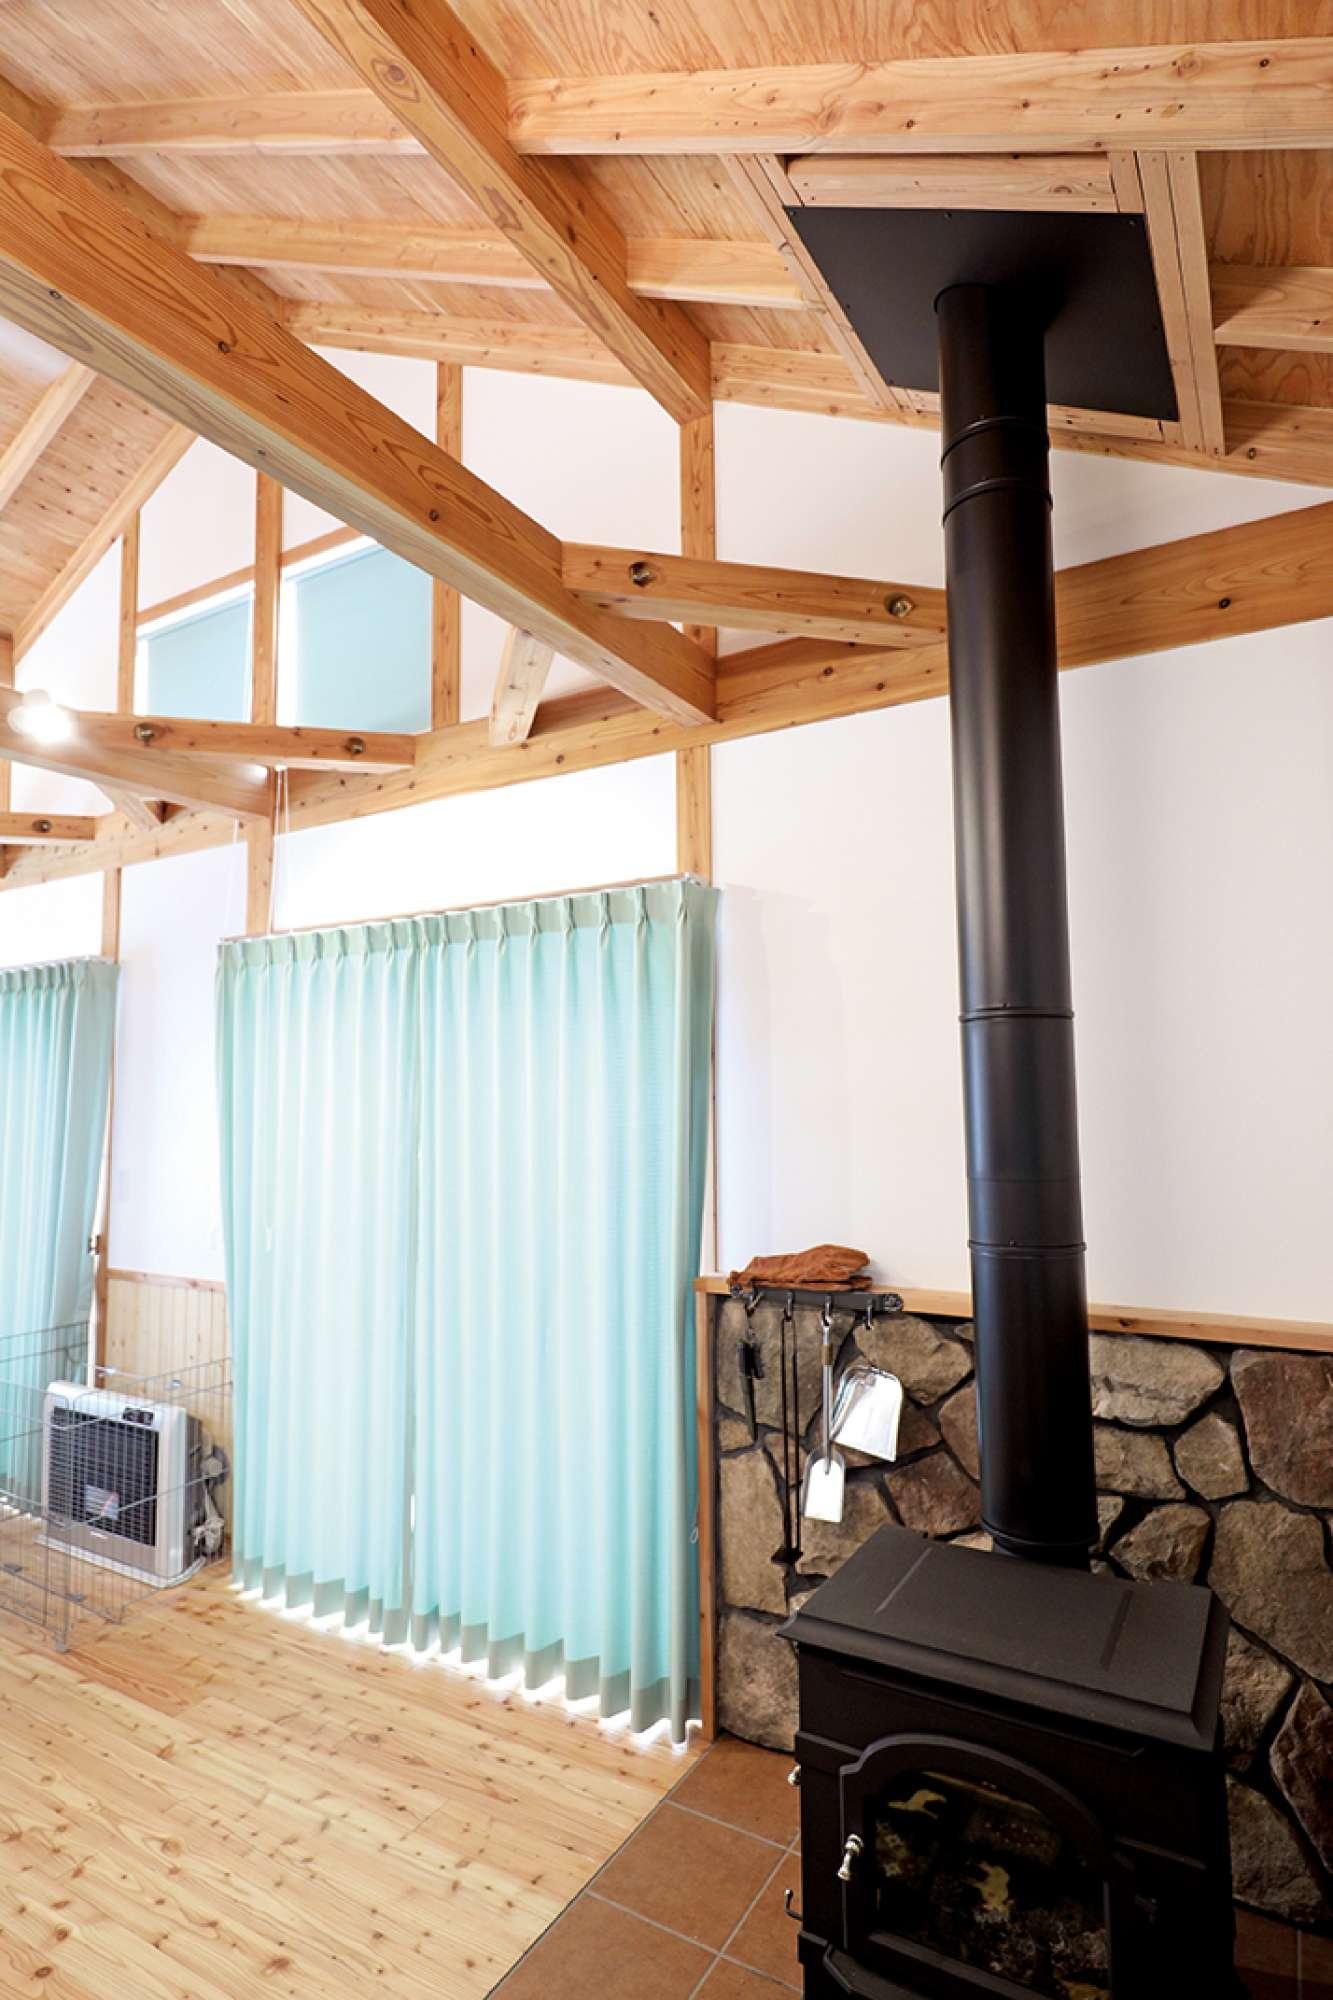 大きな掃き出し窓の上にも窓があり、天井の高さを実感できる -  -  -